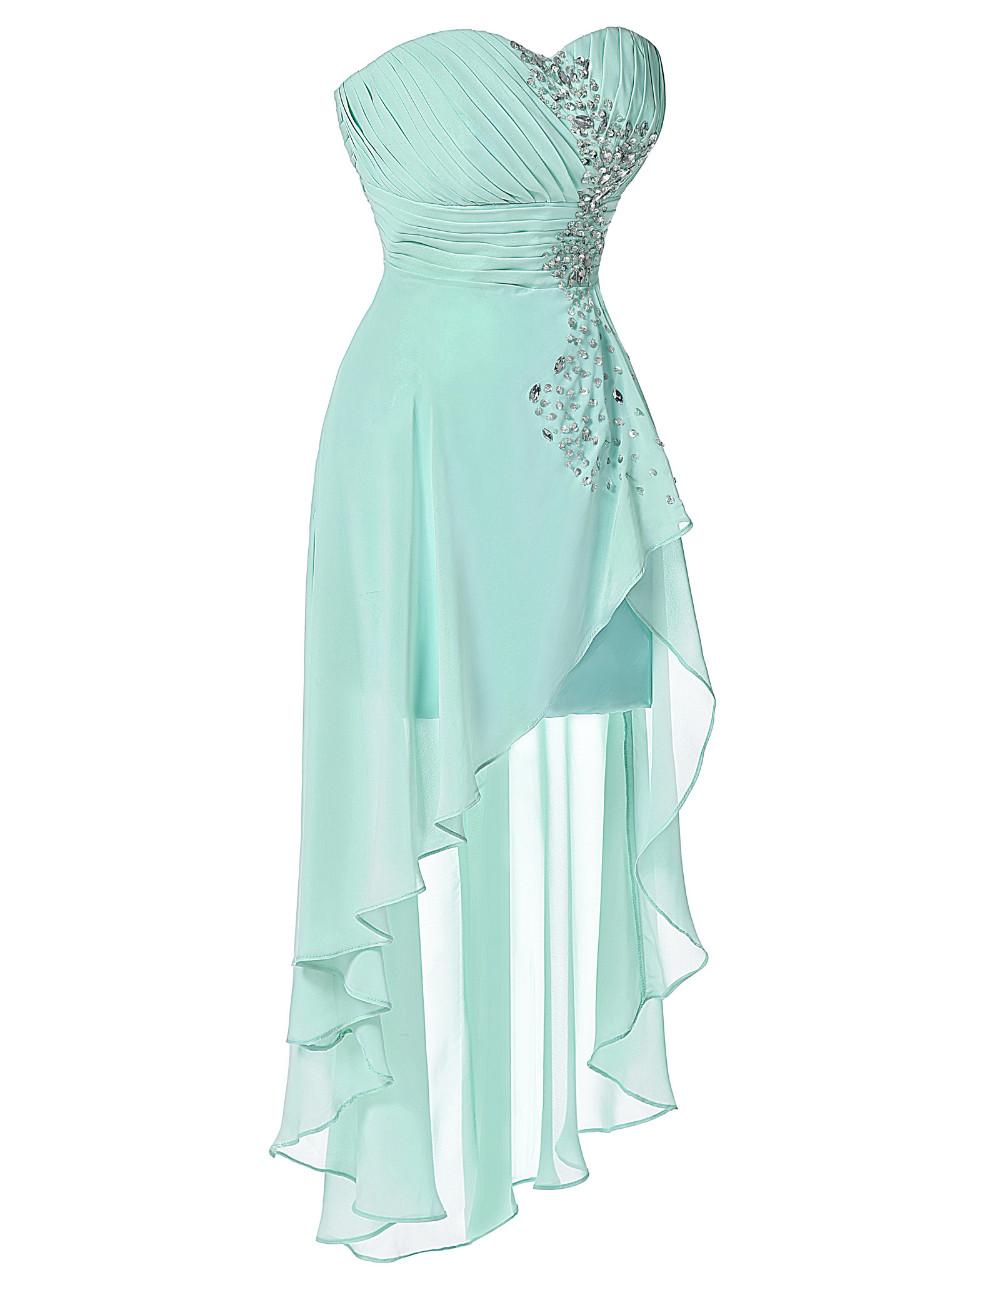 HTB1GIPMKVXXXXaQaXXXq6xXFXXXzHigh Low Short Front Long Back Strapless Dress